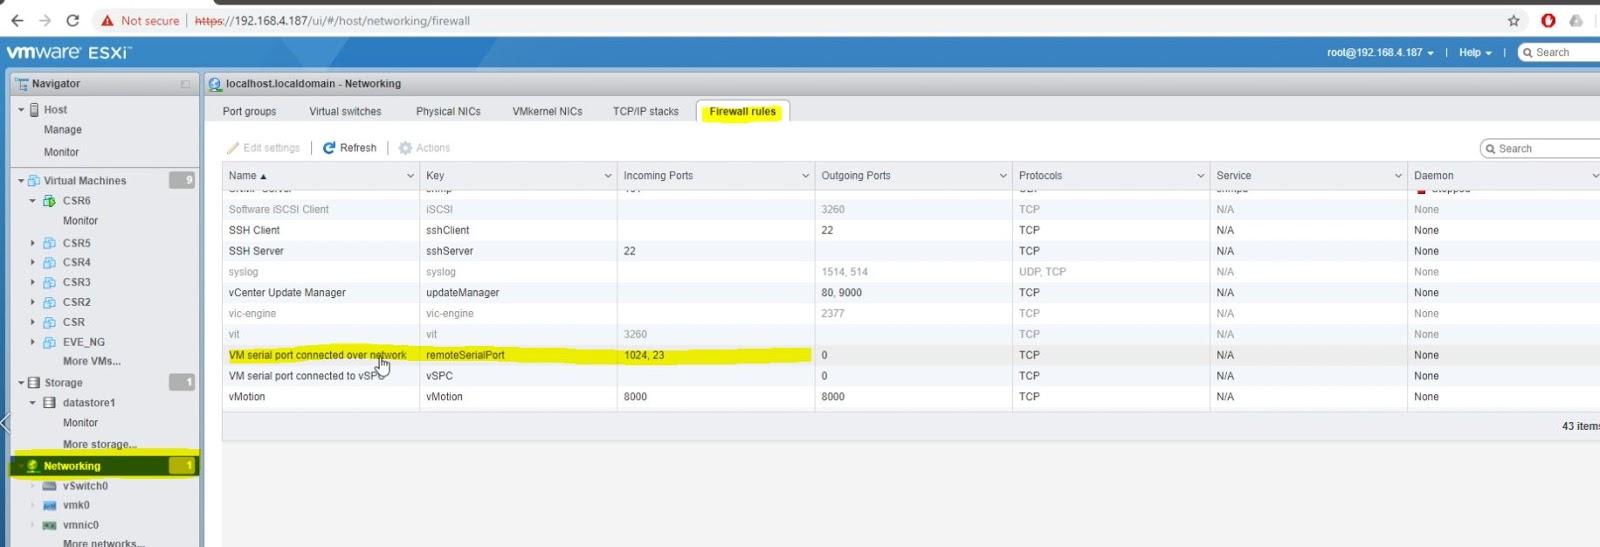 NetenGU's Notes: Install Cisco csr1000v on ESXi